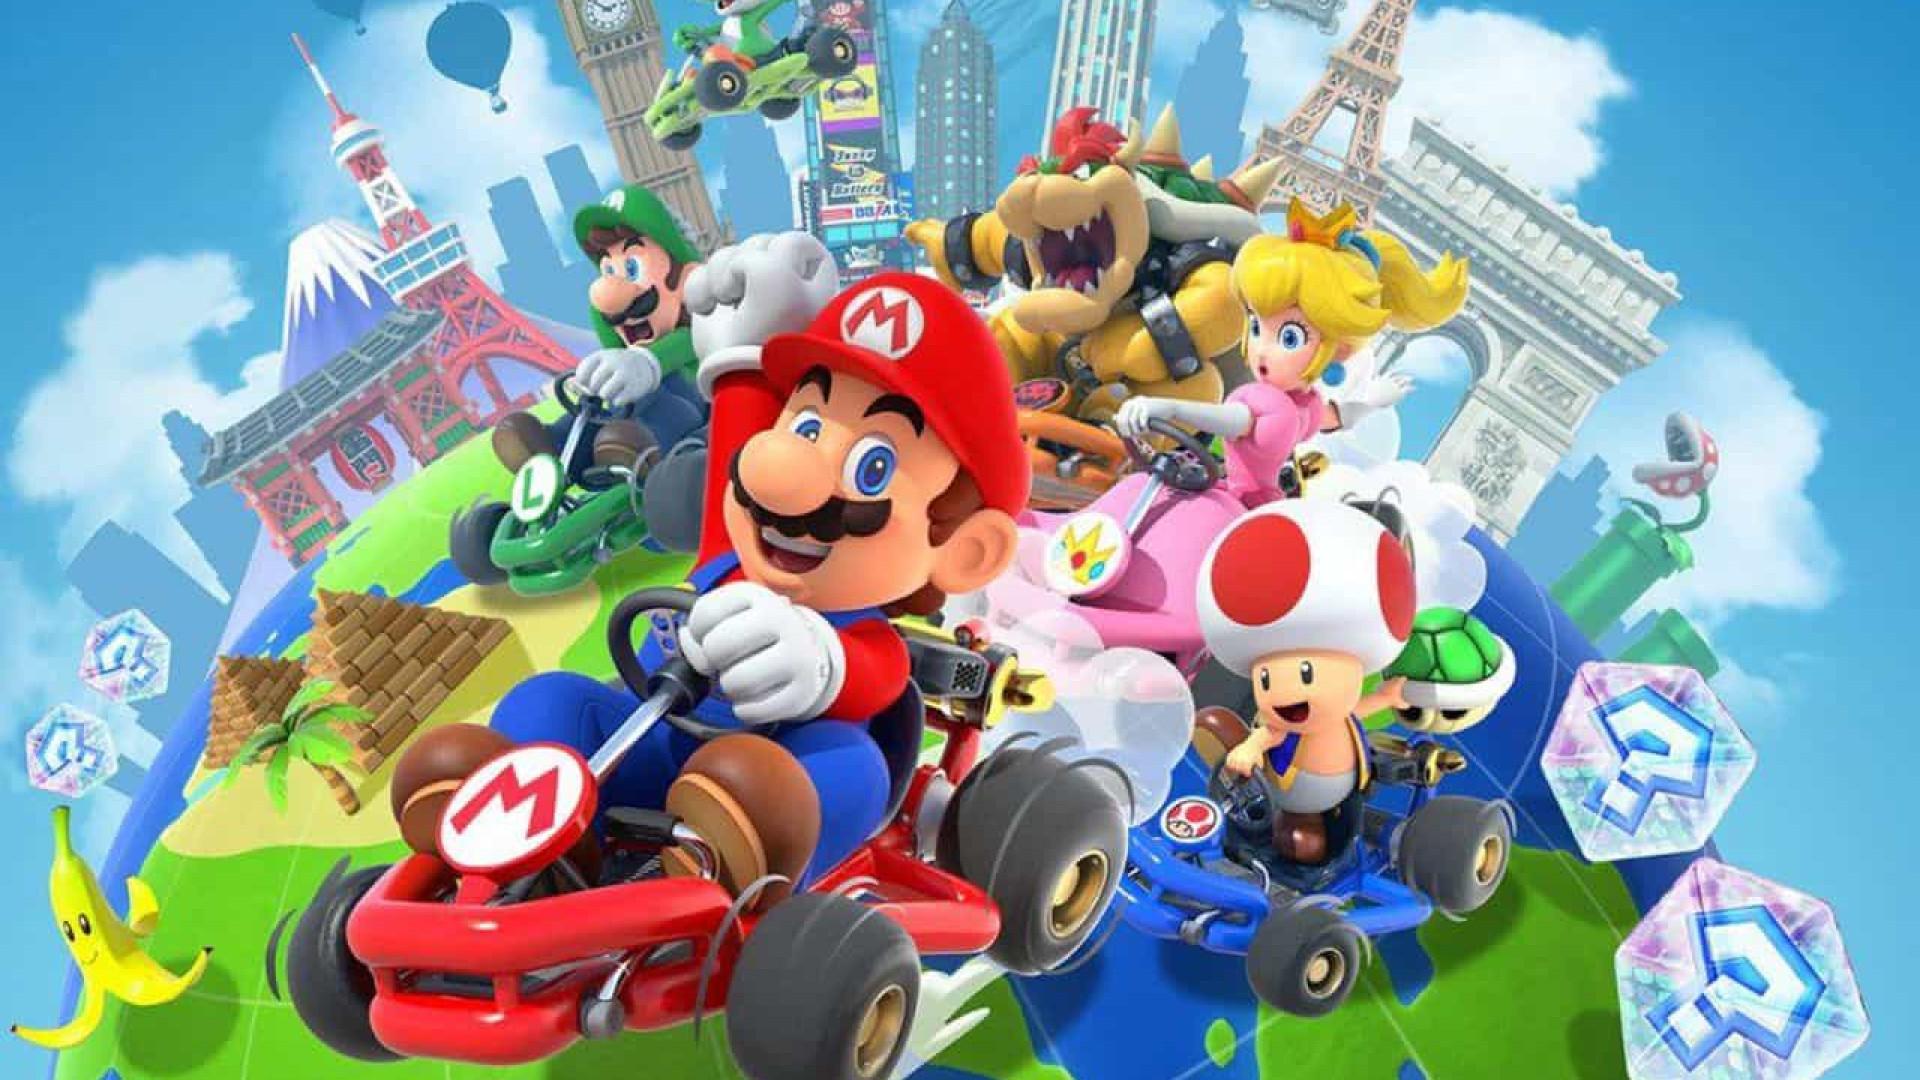 'Mario Kart Tour' registra mais de 90 milhões de downloads